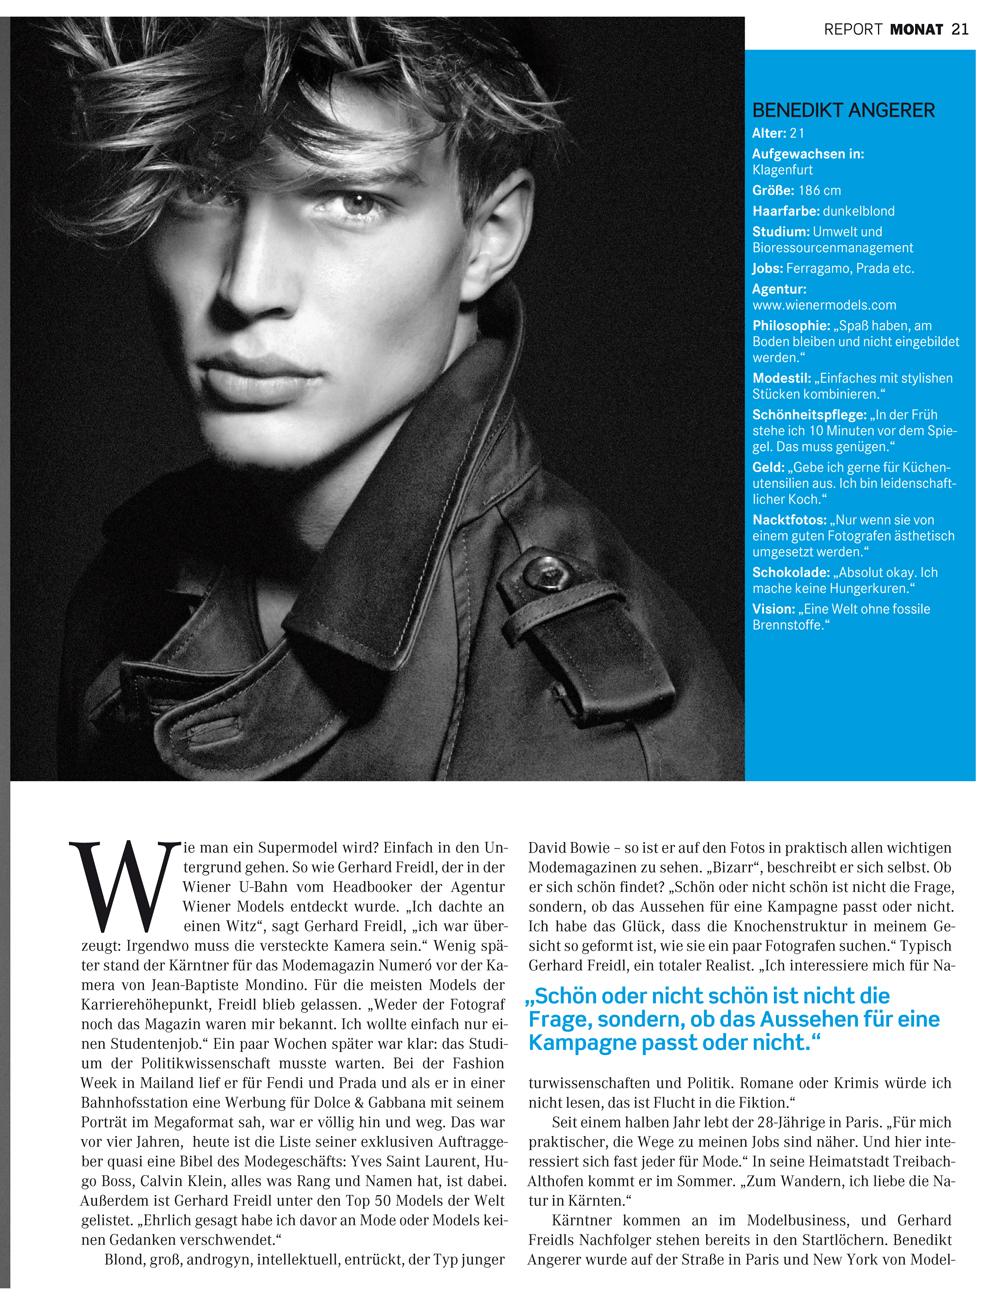 Gerhard Freidl0338_Benedikt Angerer(Wiener Models)